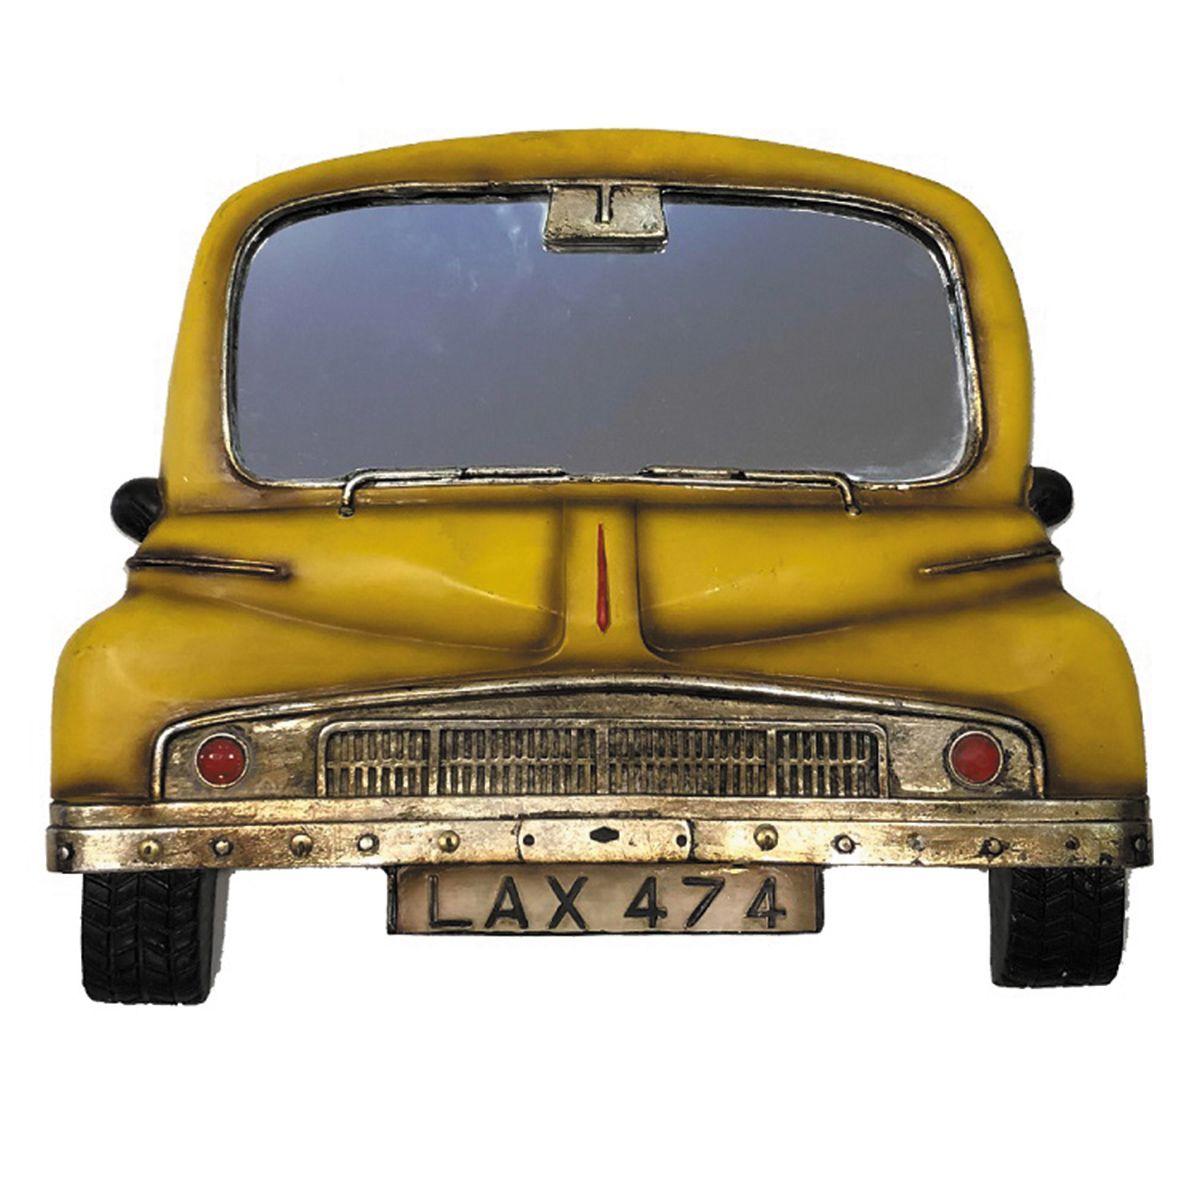 Espelho de Carro Pura Nostalgia cor Amarelo Envelhecido placa LAX-474